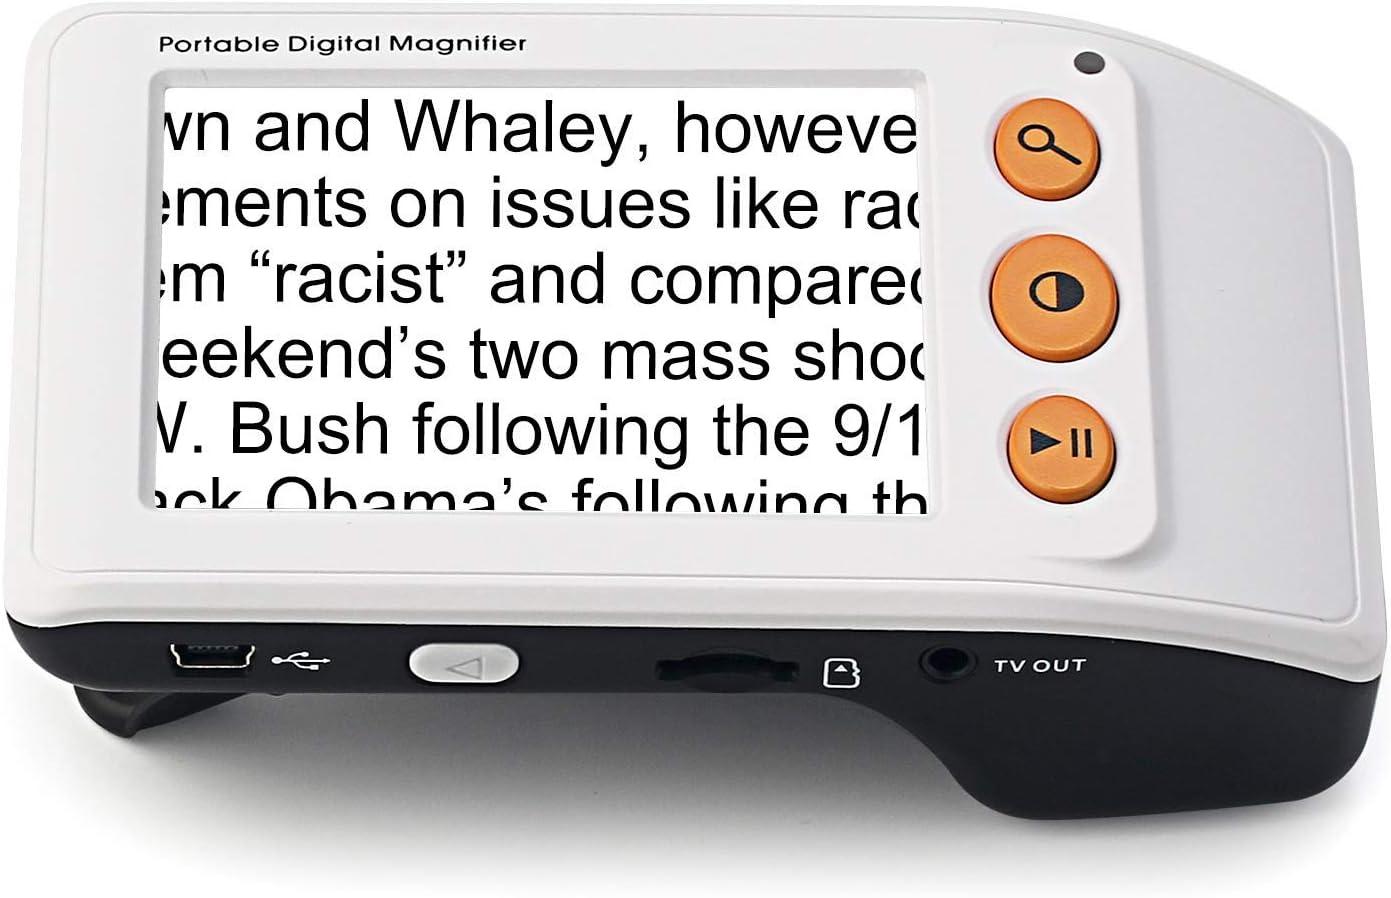 Lupa móvil Digital con Pantalla LCD de 3.5 Pulgadas: Proporciona una ampliación de Texto de 25X para una Lectura más fácil por Home Care Wholesale: Amazon.es: Electrónica